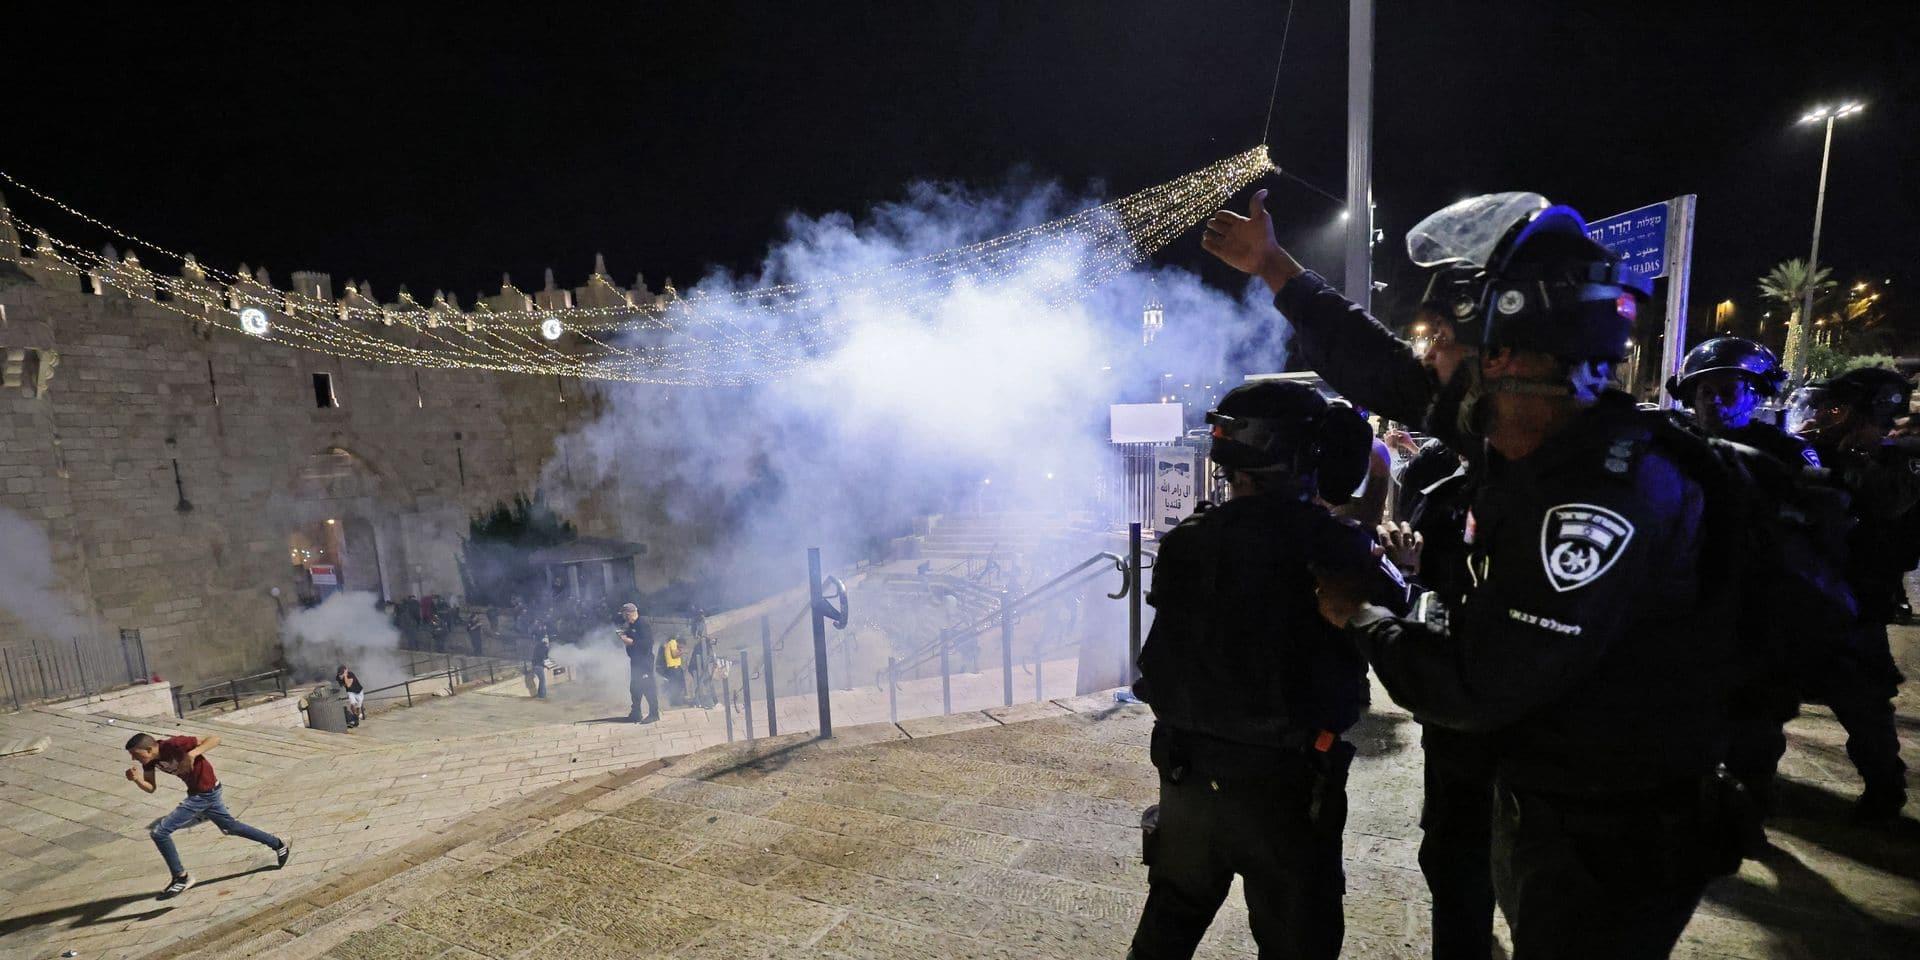 L'UE appelle à la fin immédiate des violences entre Israéliens et Palestiniens